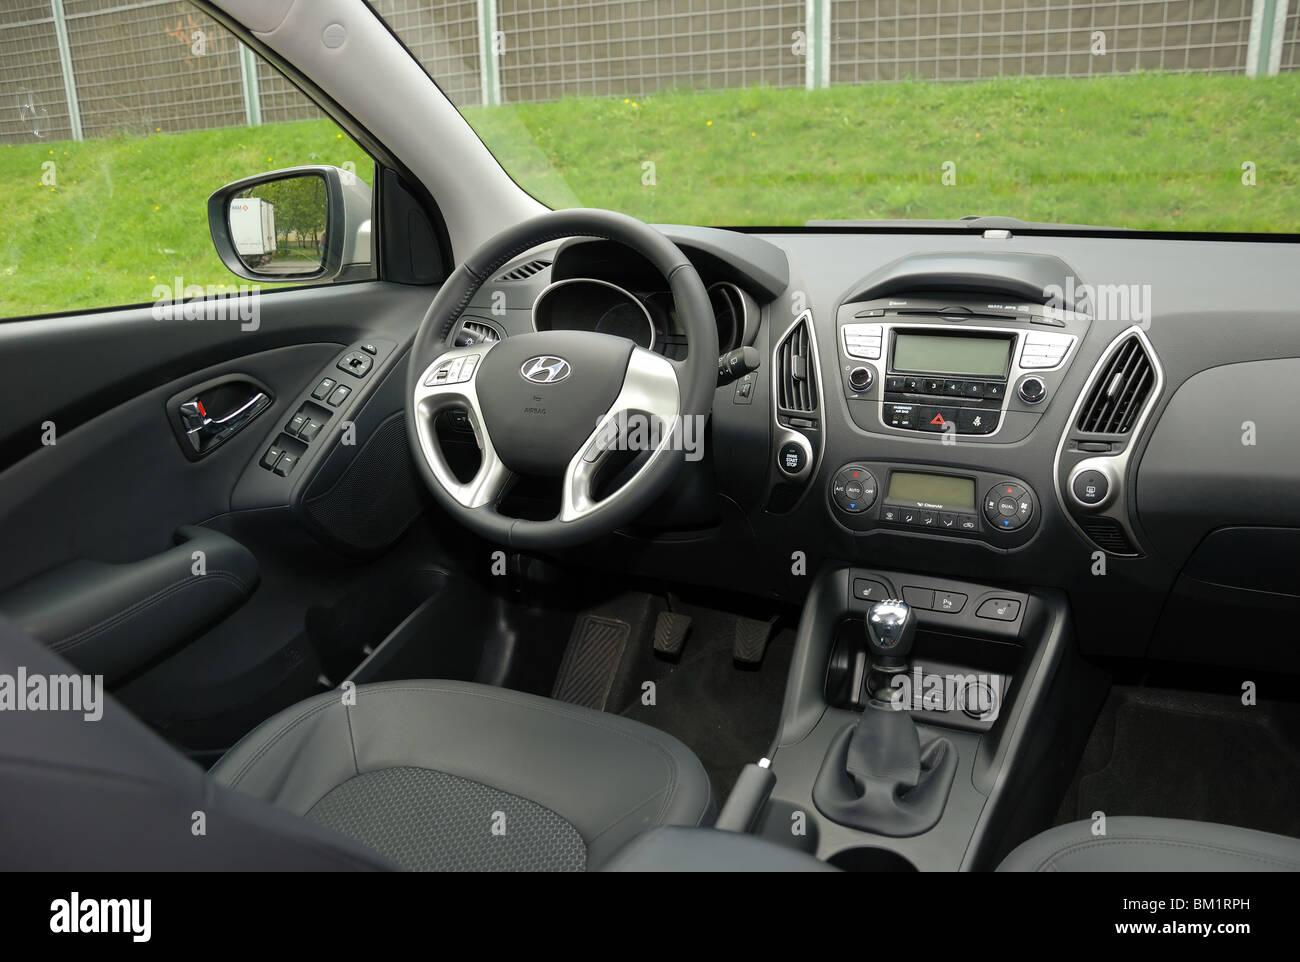 hyundai ix35 20 crdi 4x4 2010 beige metallic vus compact coren intrieur planche de bord console cockpit